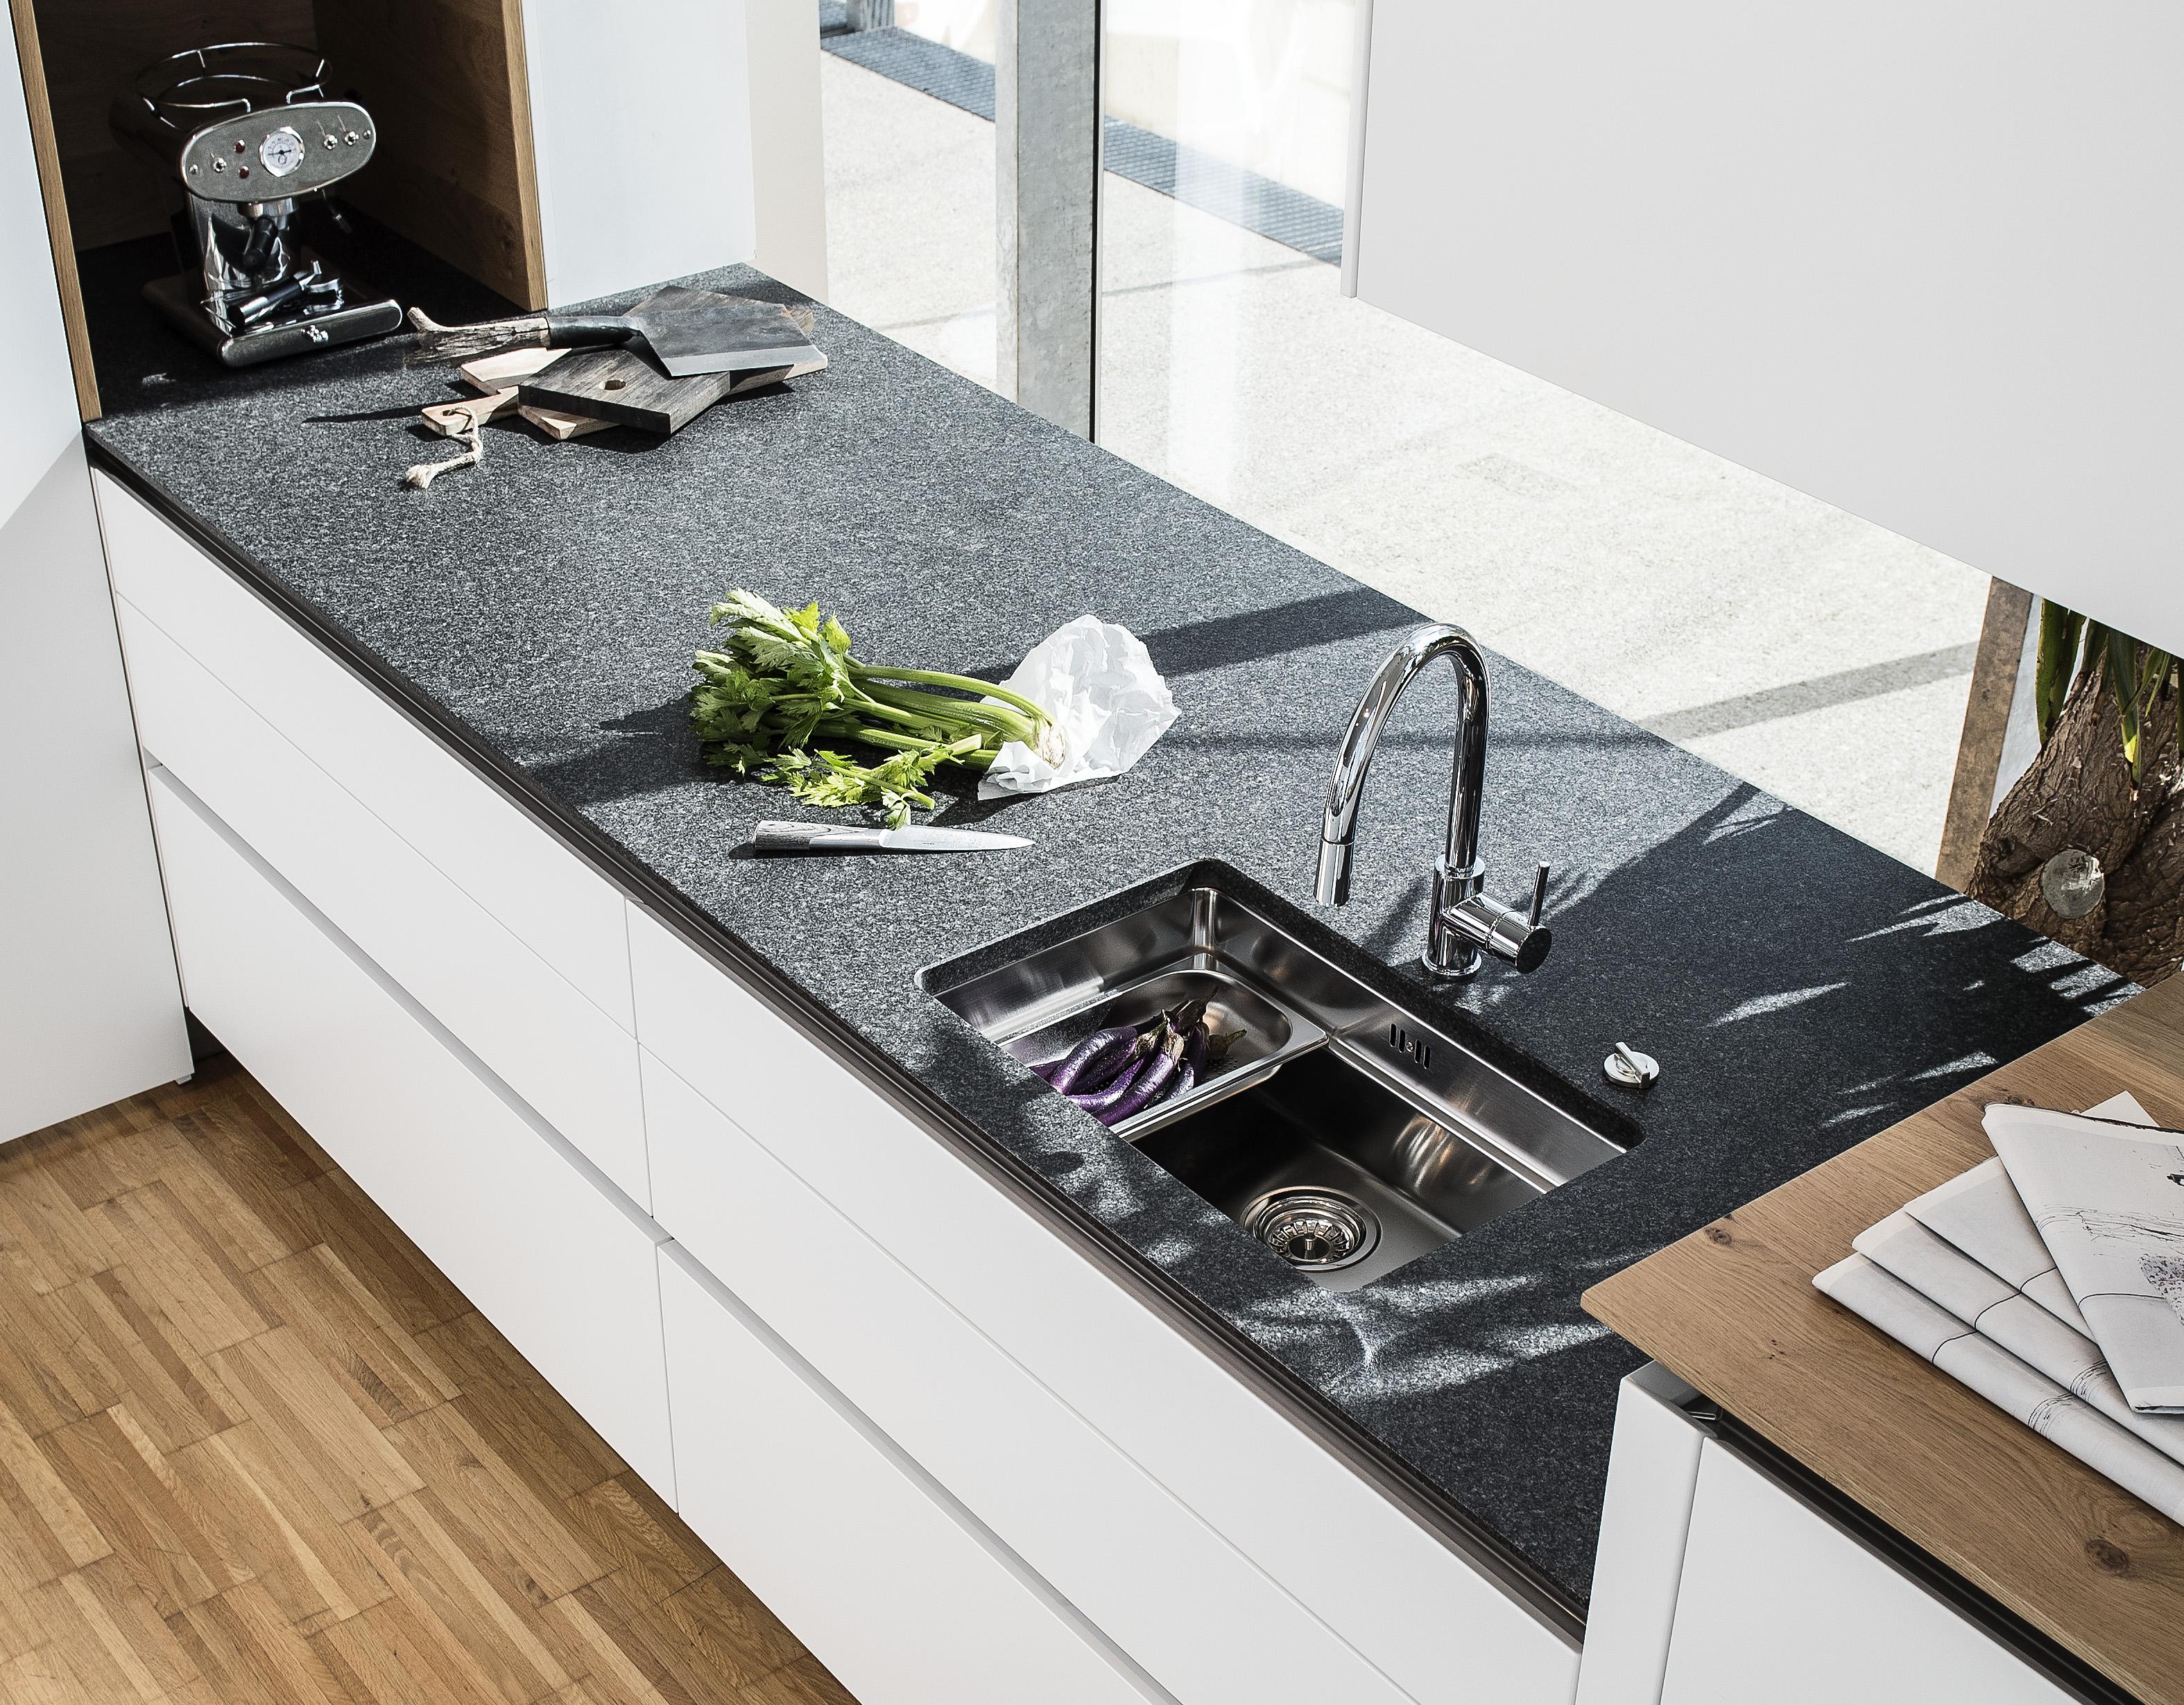 neujahrsvors tze f r die k che strasser steine. Black Bedroom Furniture Sets. Home Design Ideas